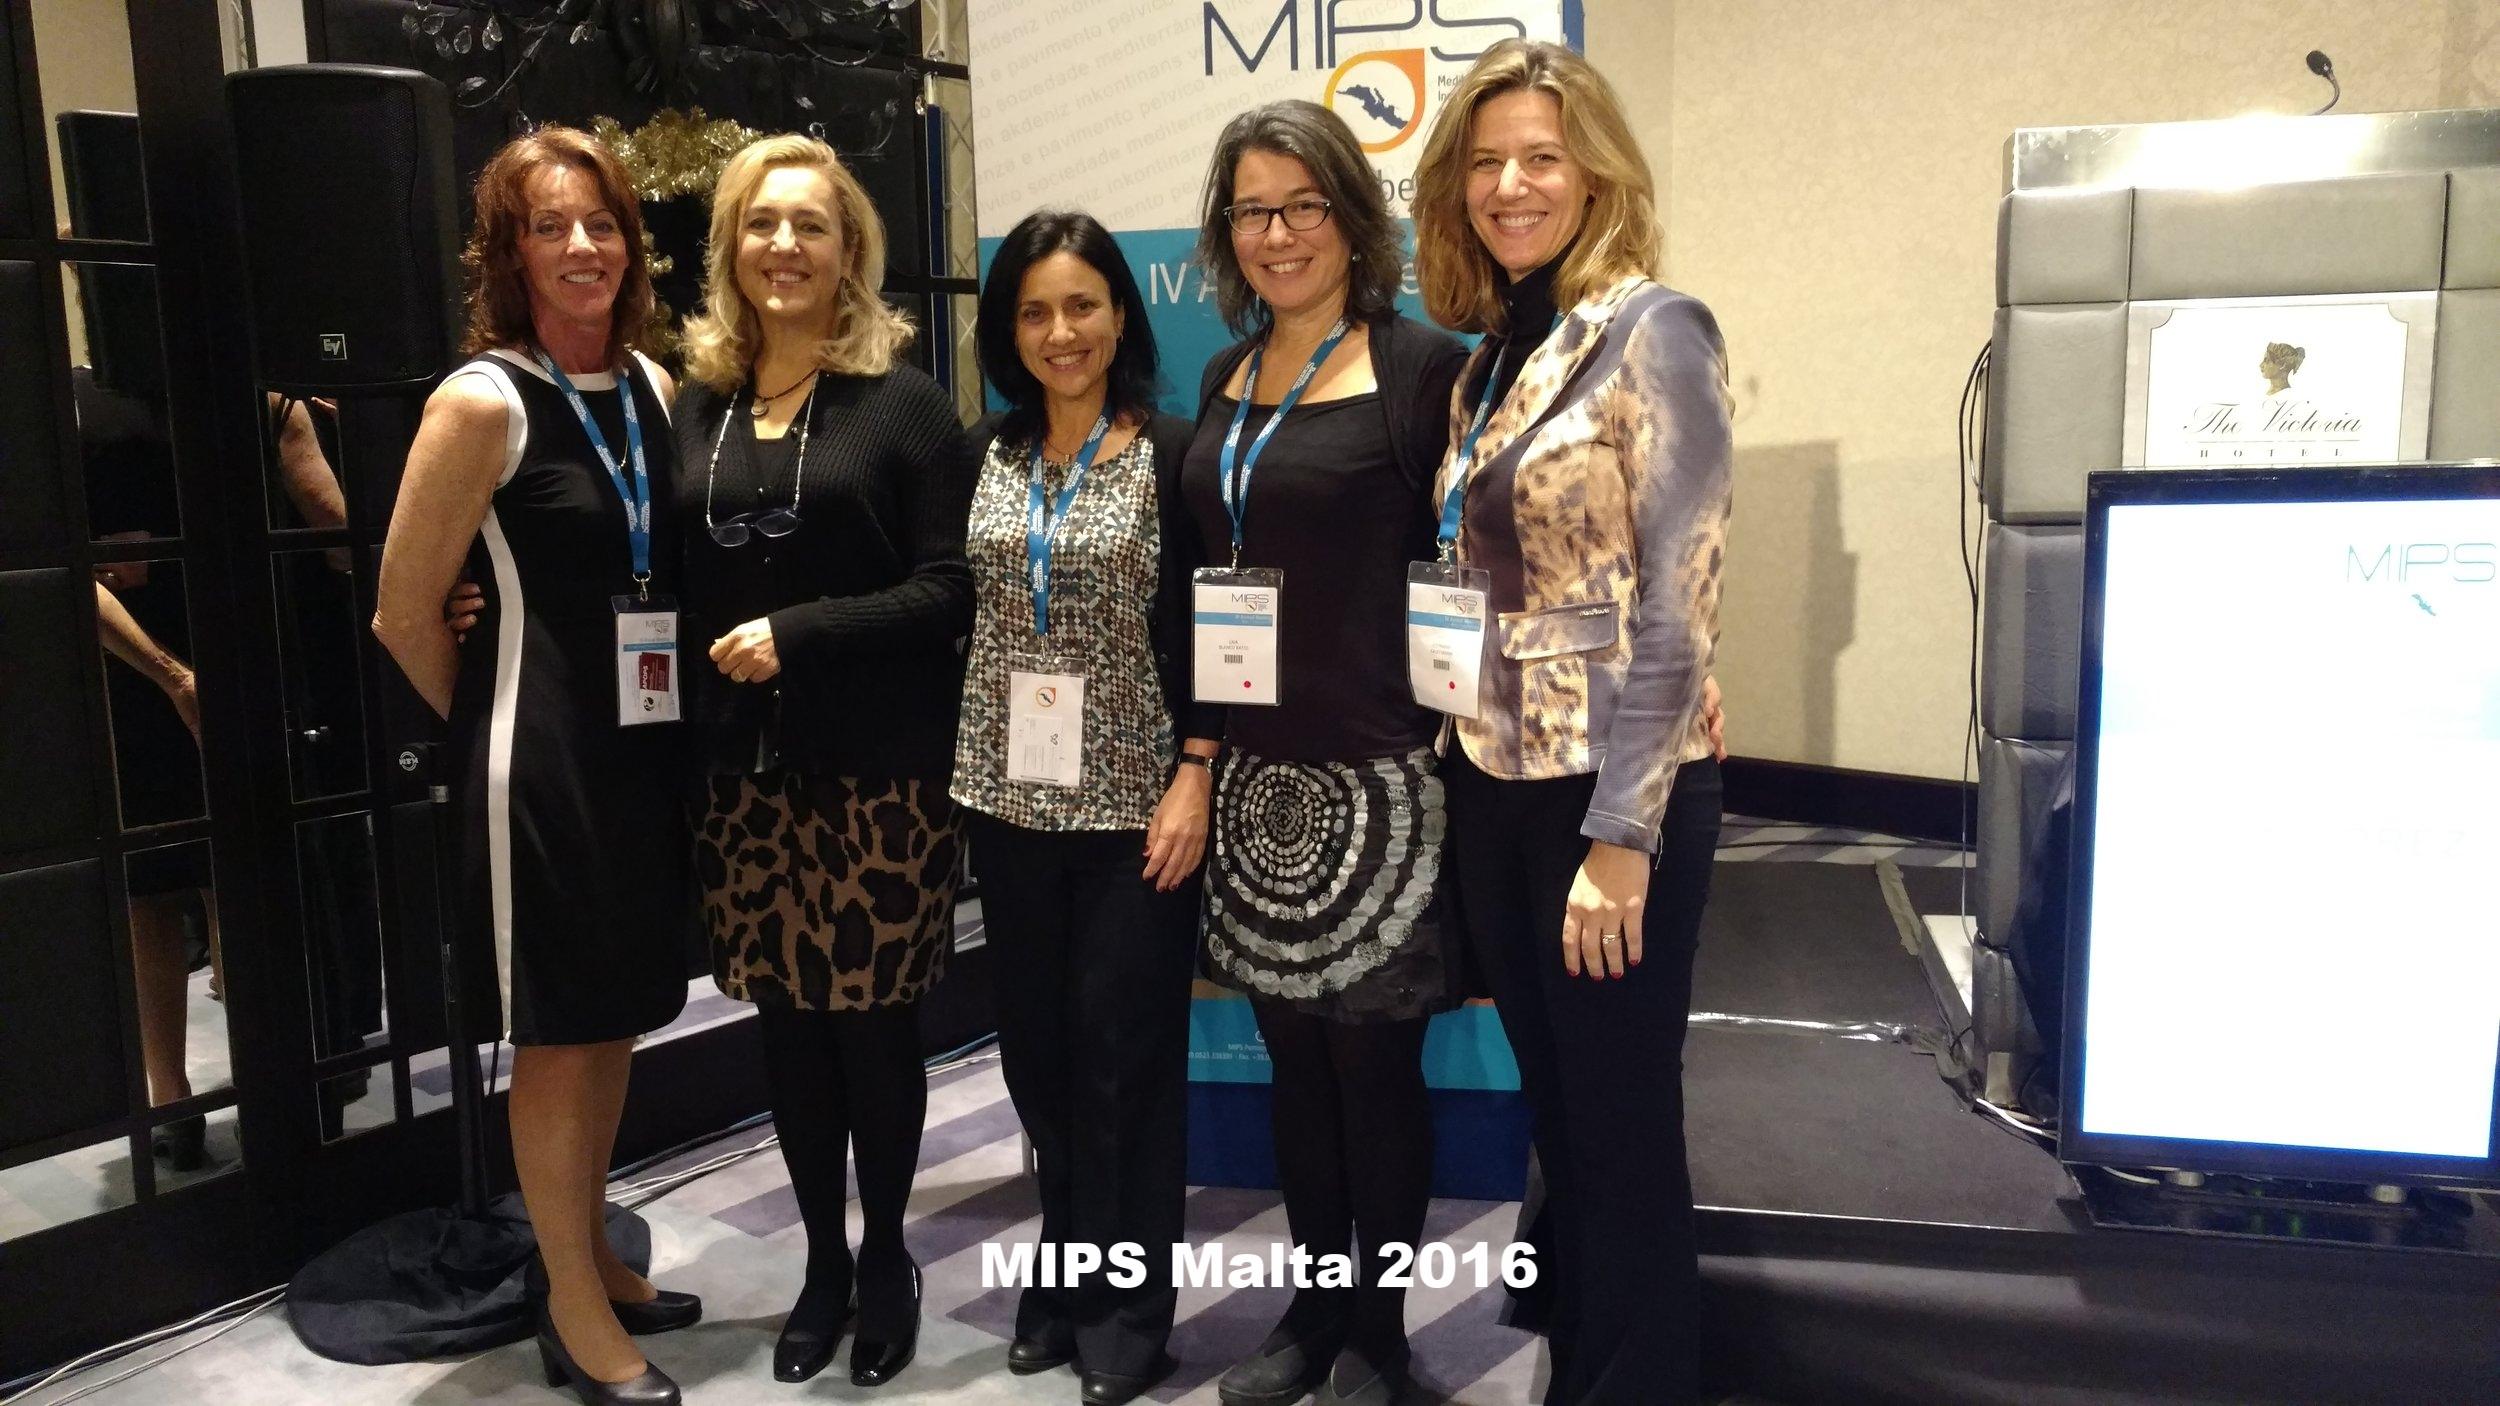 MIPS ladies image.jpg